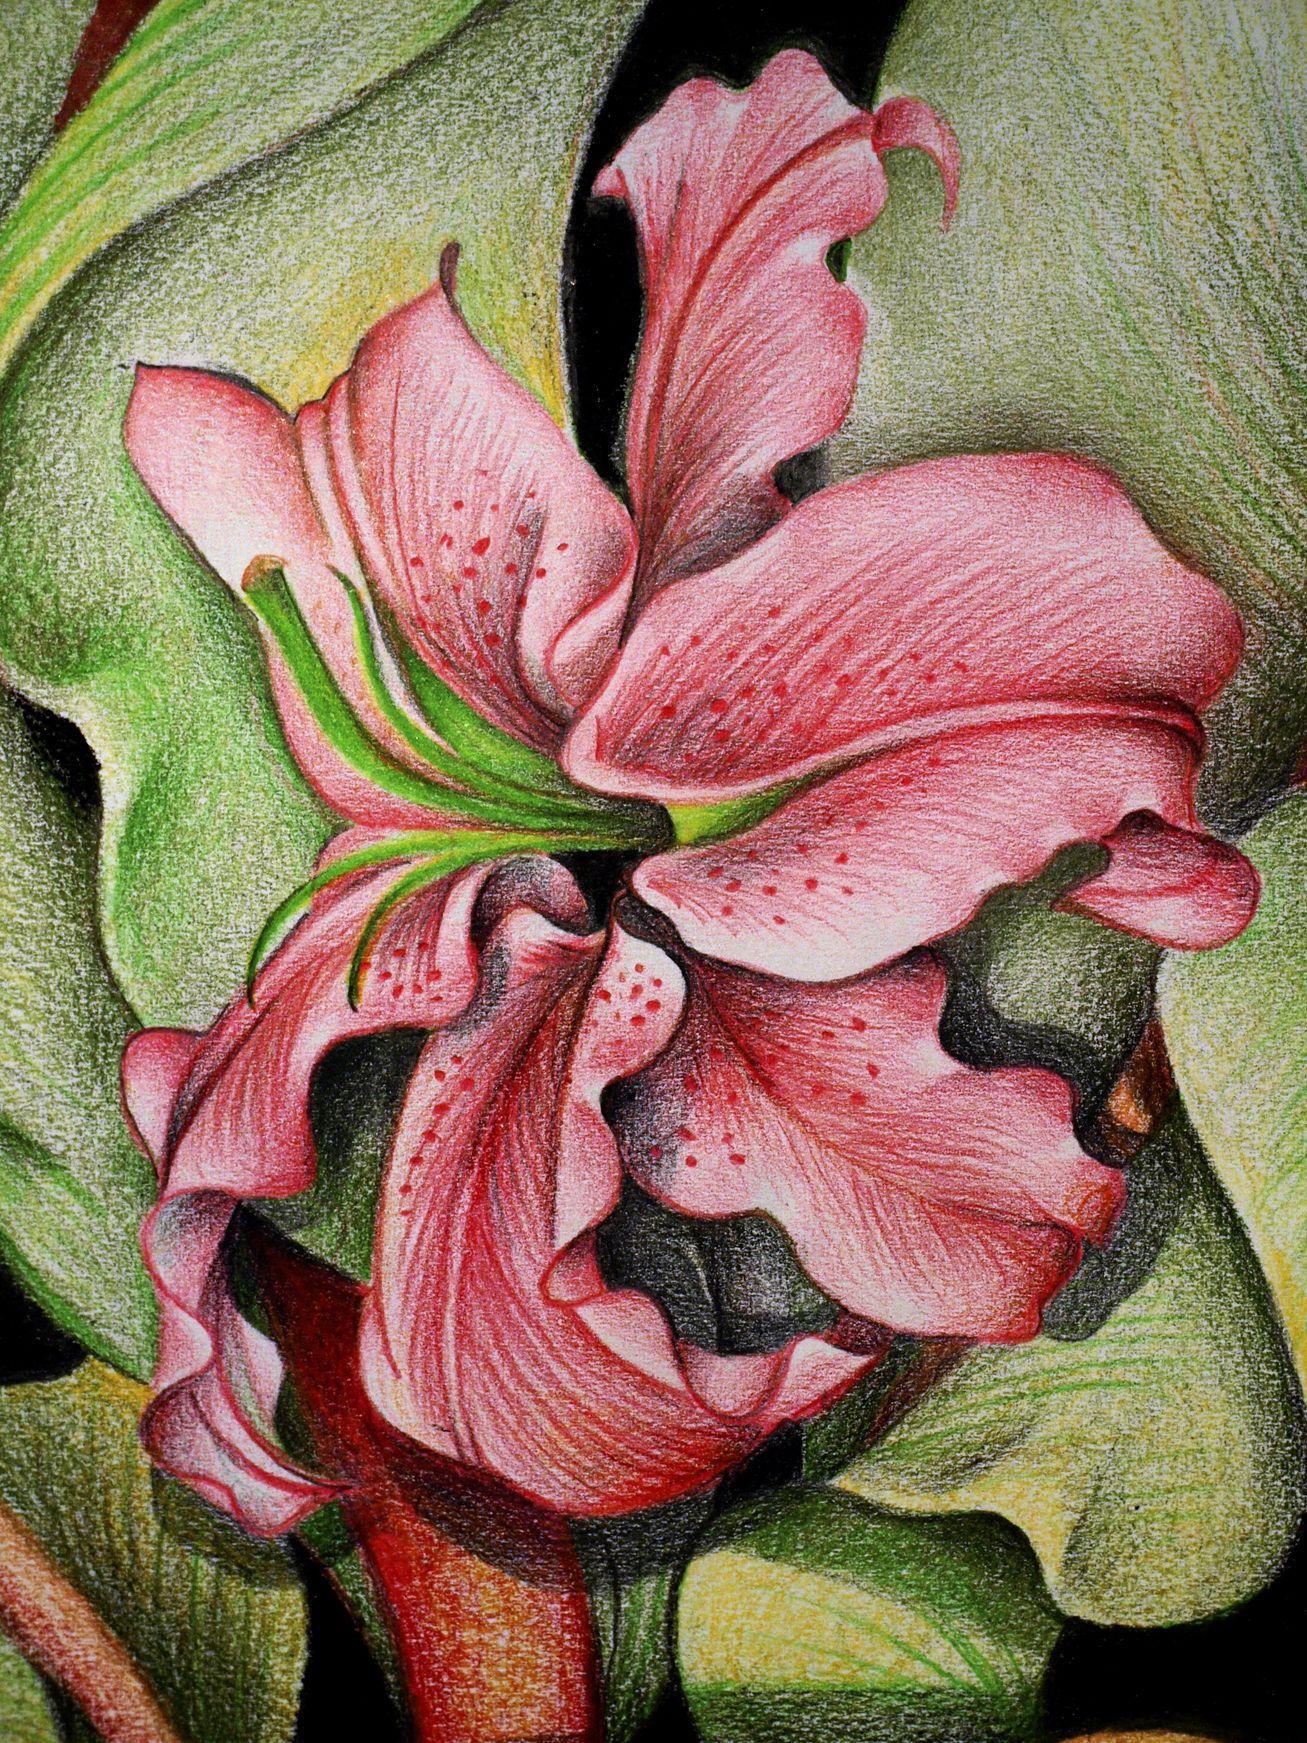 Diana arias de lirios diana arias pinterest coloured pencils diana arias de lirios draw flowerspainting flowerspainting artspanish izmirmasajfo Image collections